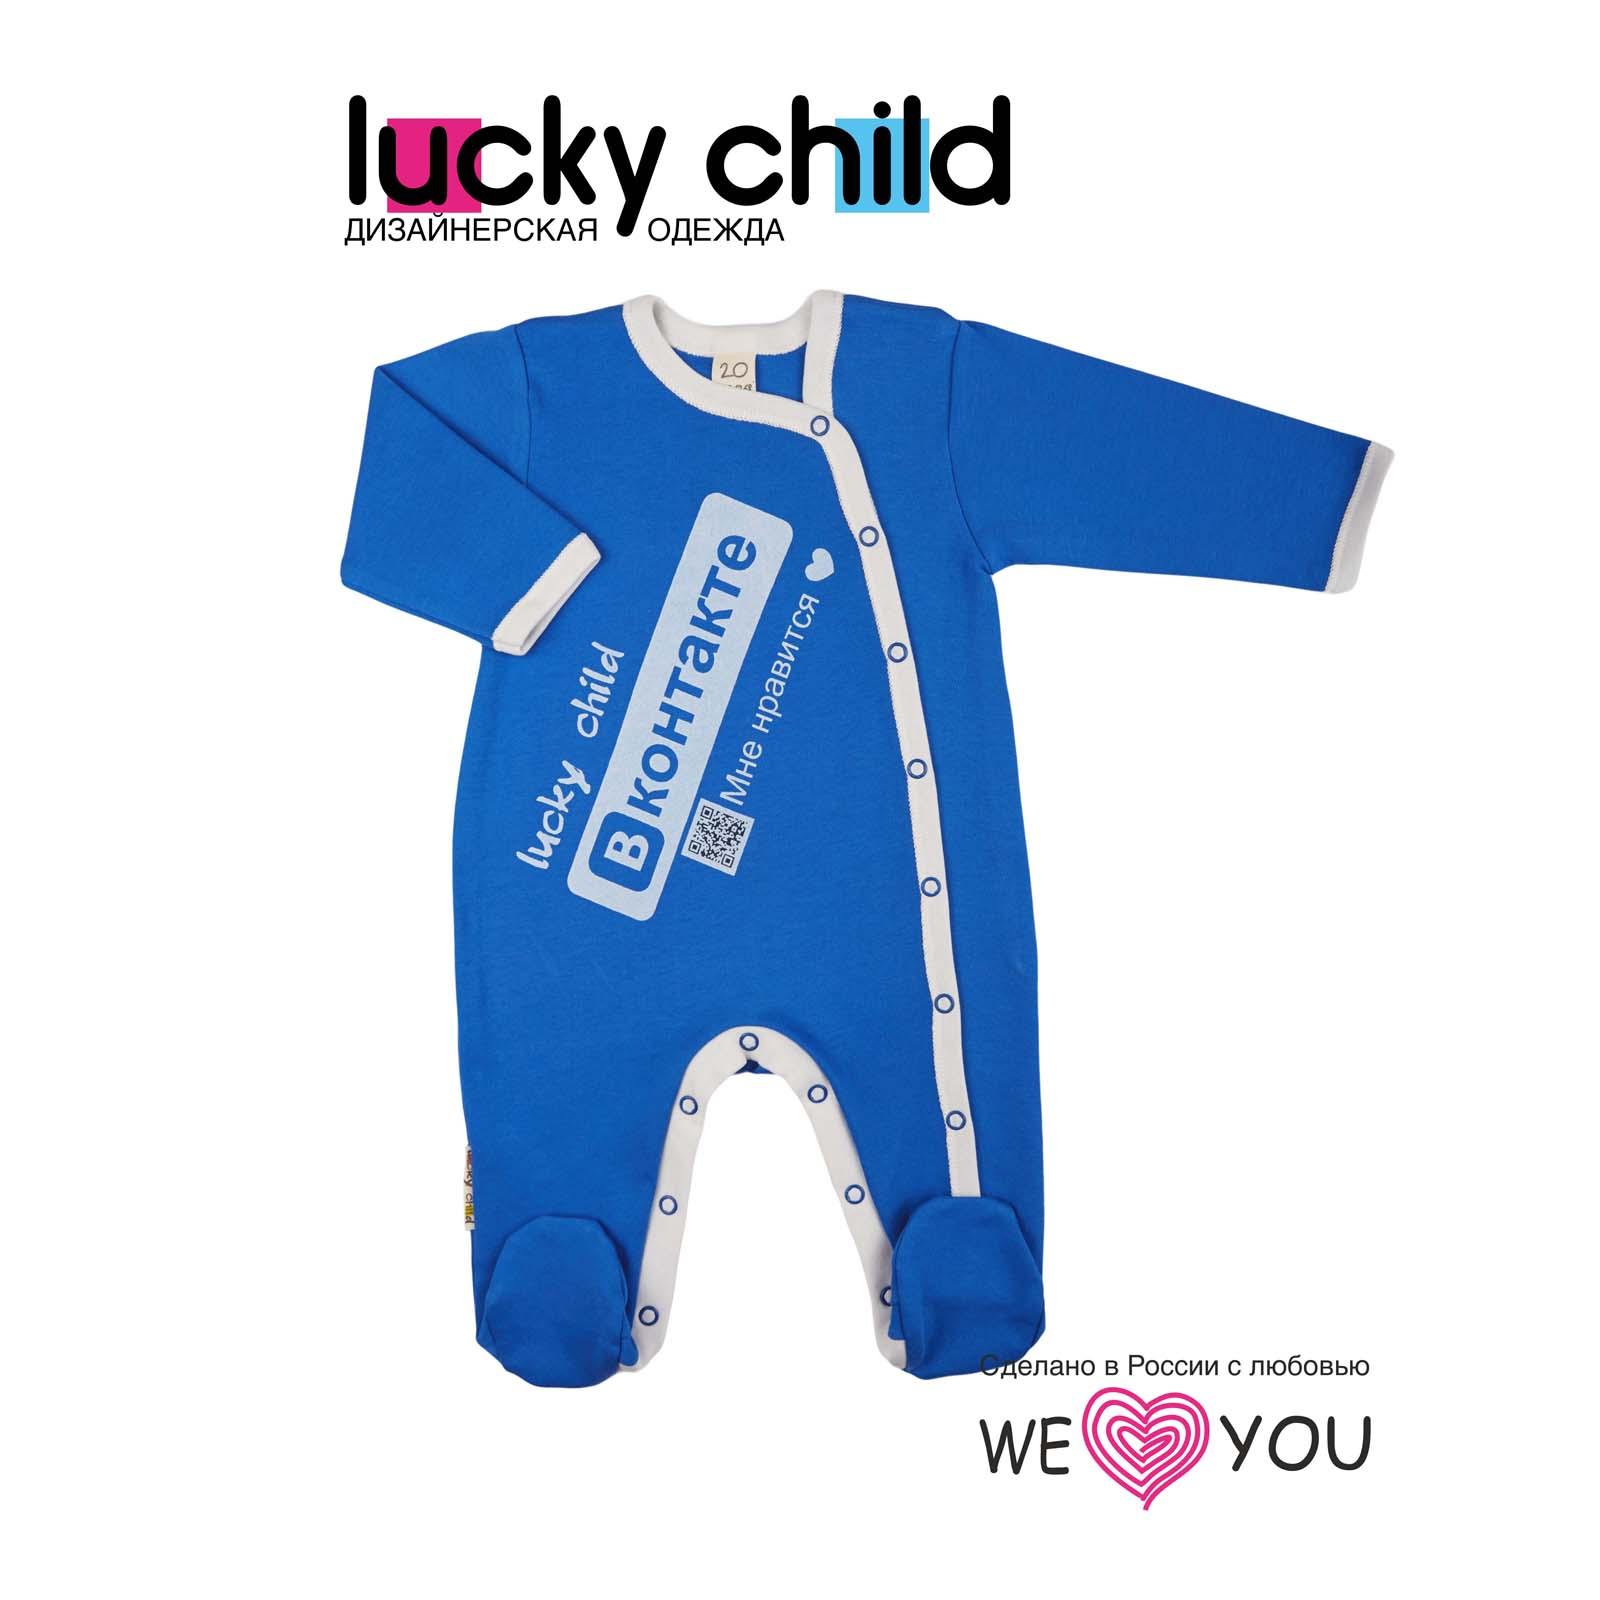 Комбинезон Lucky Child с надписью Вконтакте размер 62<br>